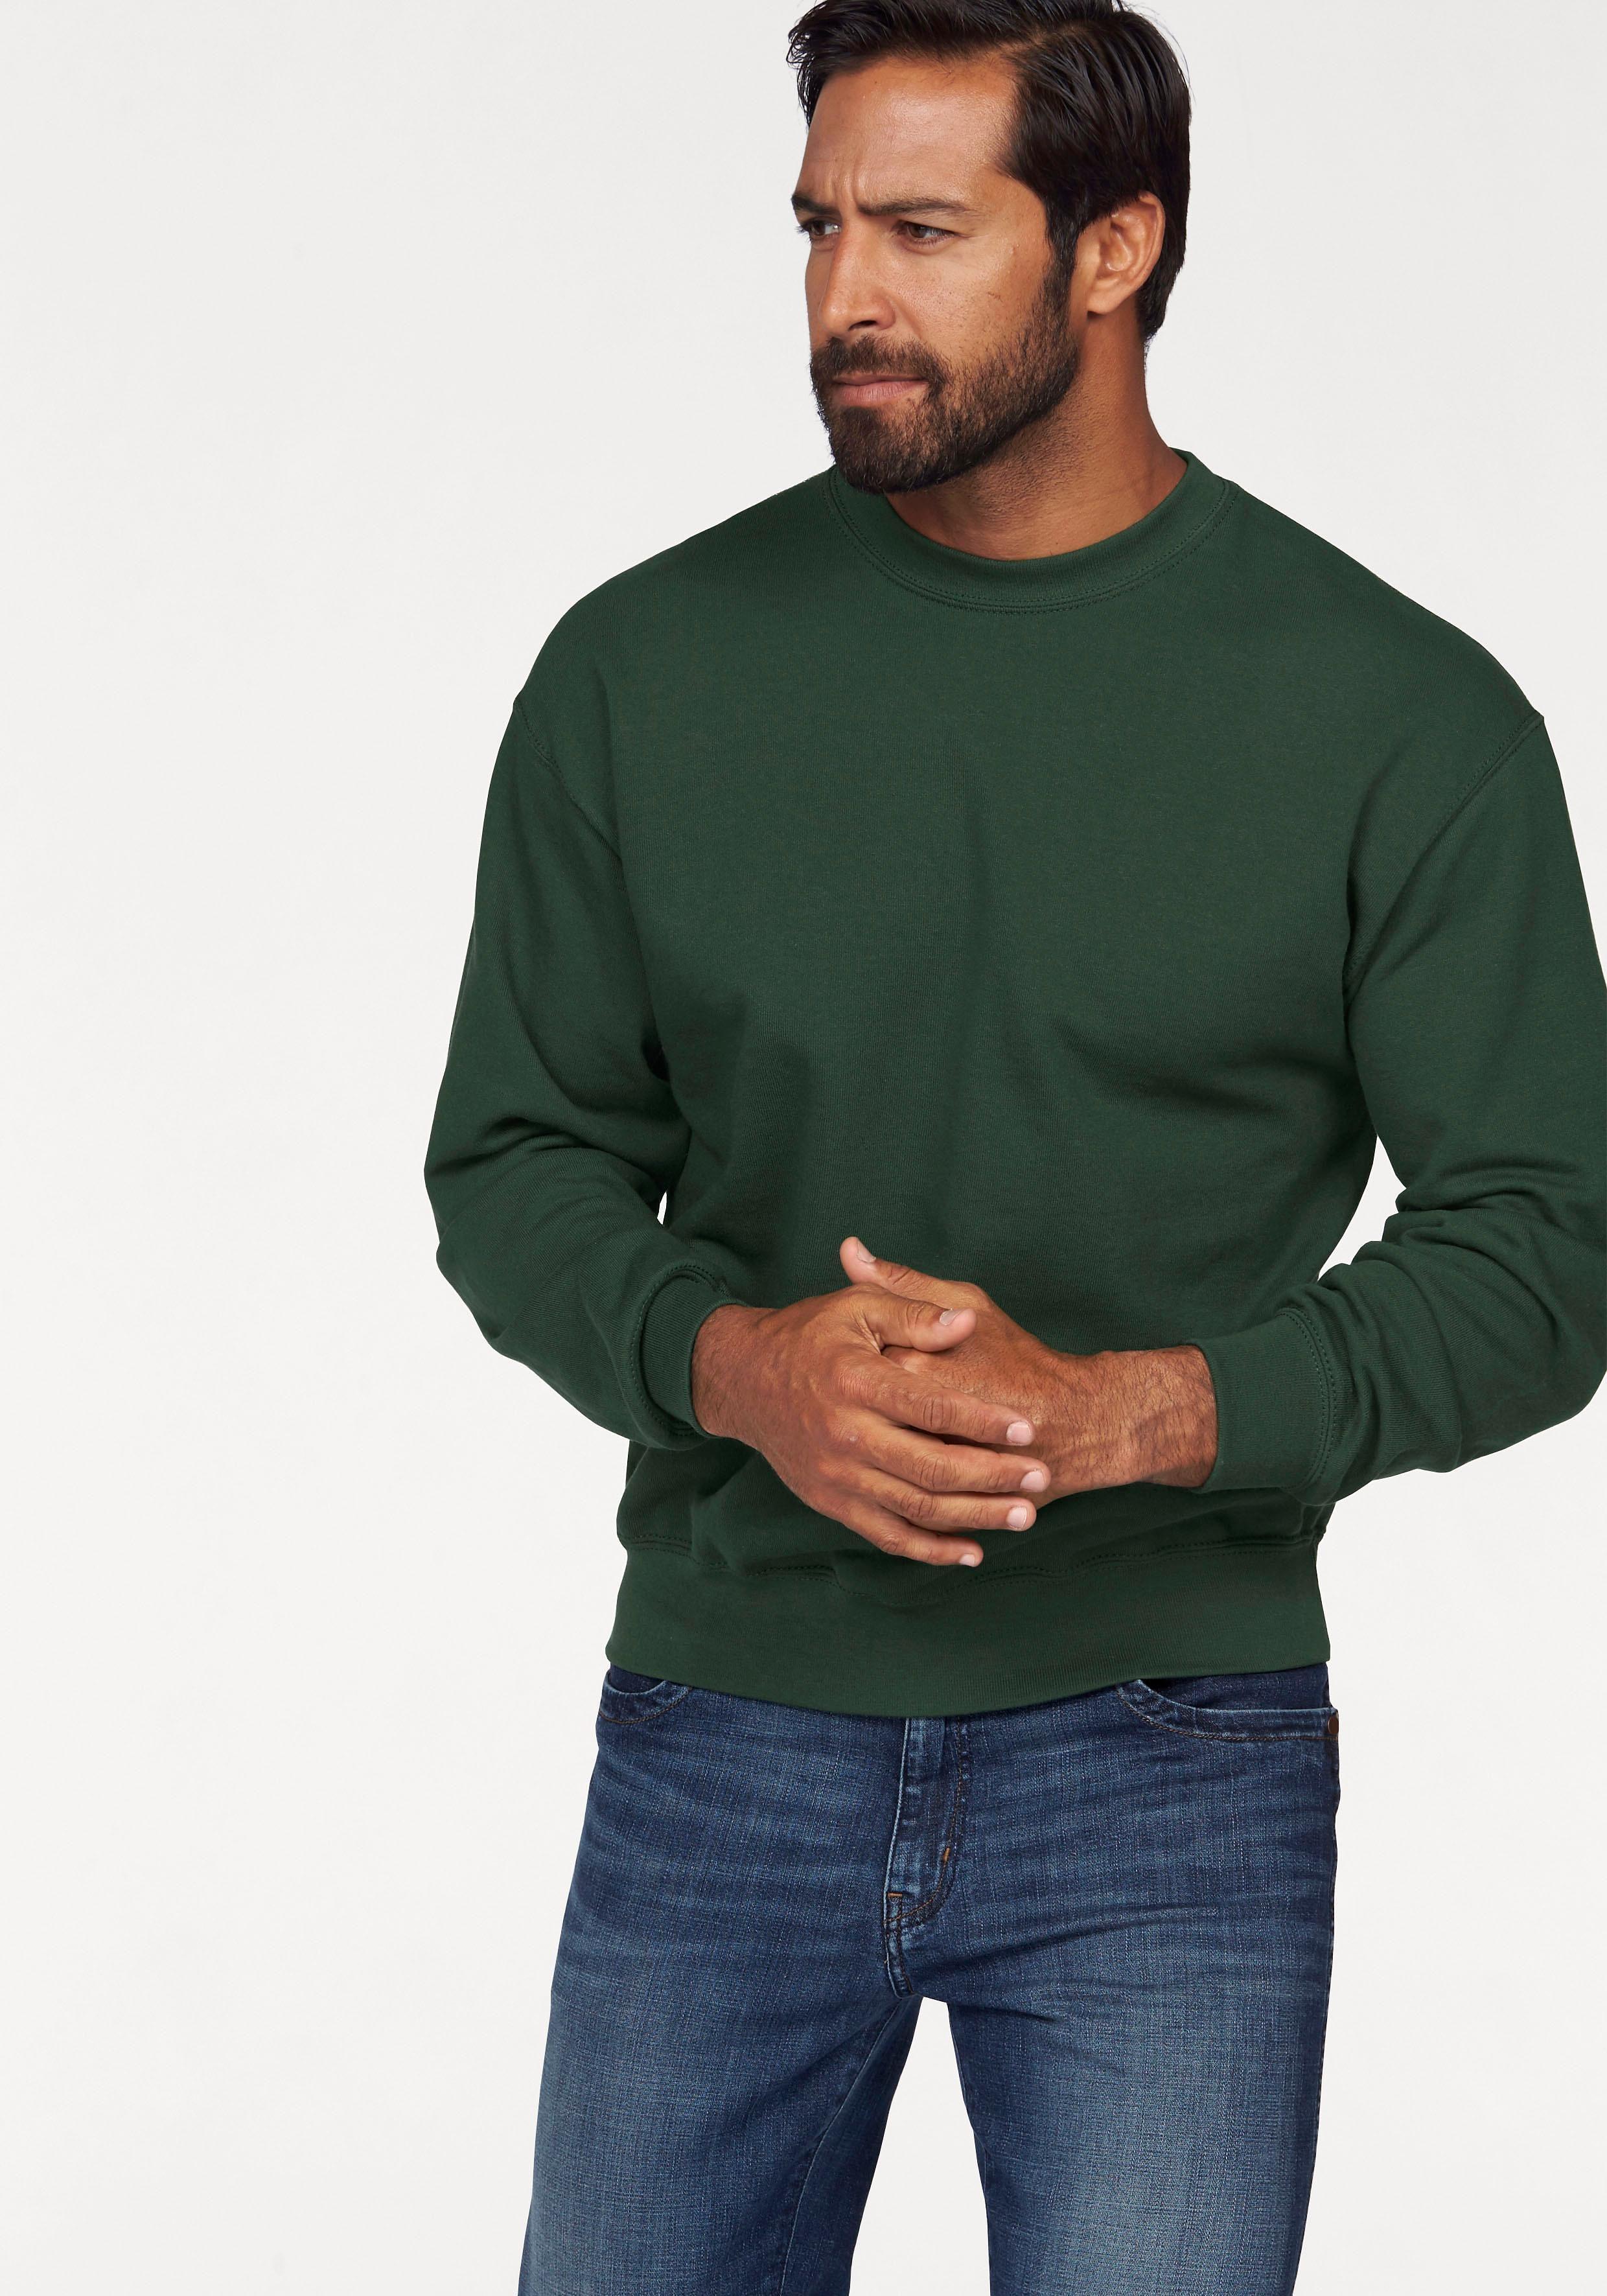 Fruit of the Loom Sweatshirt, Cooler Basic Style mit angerauter Innenseite online kaufen | OTTO